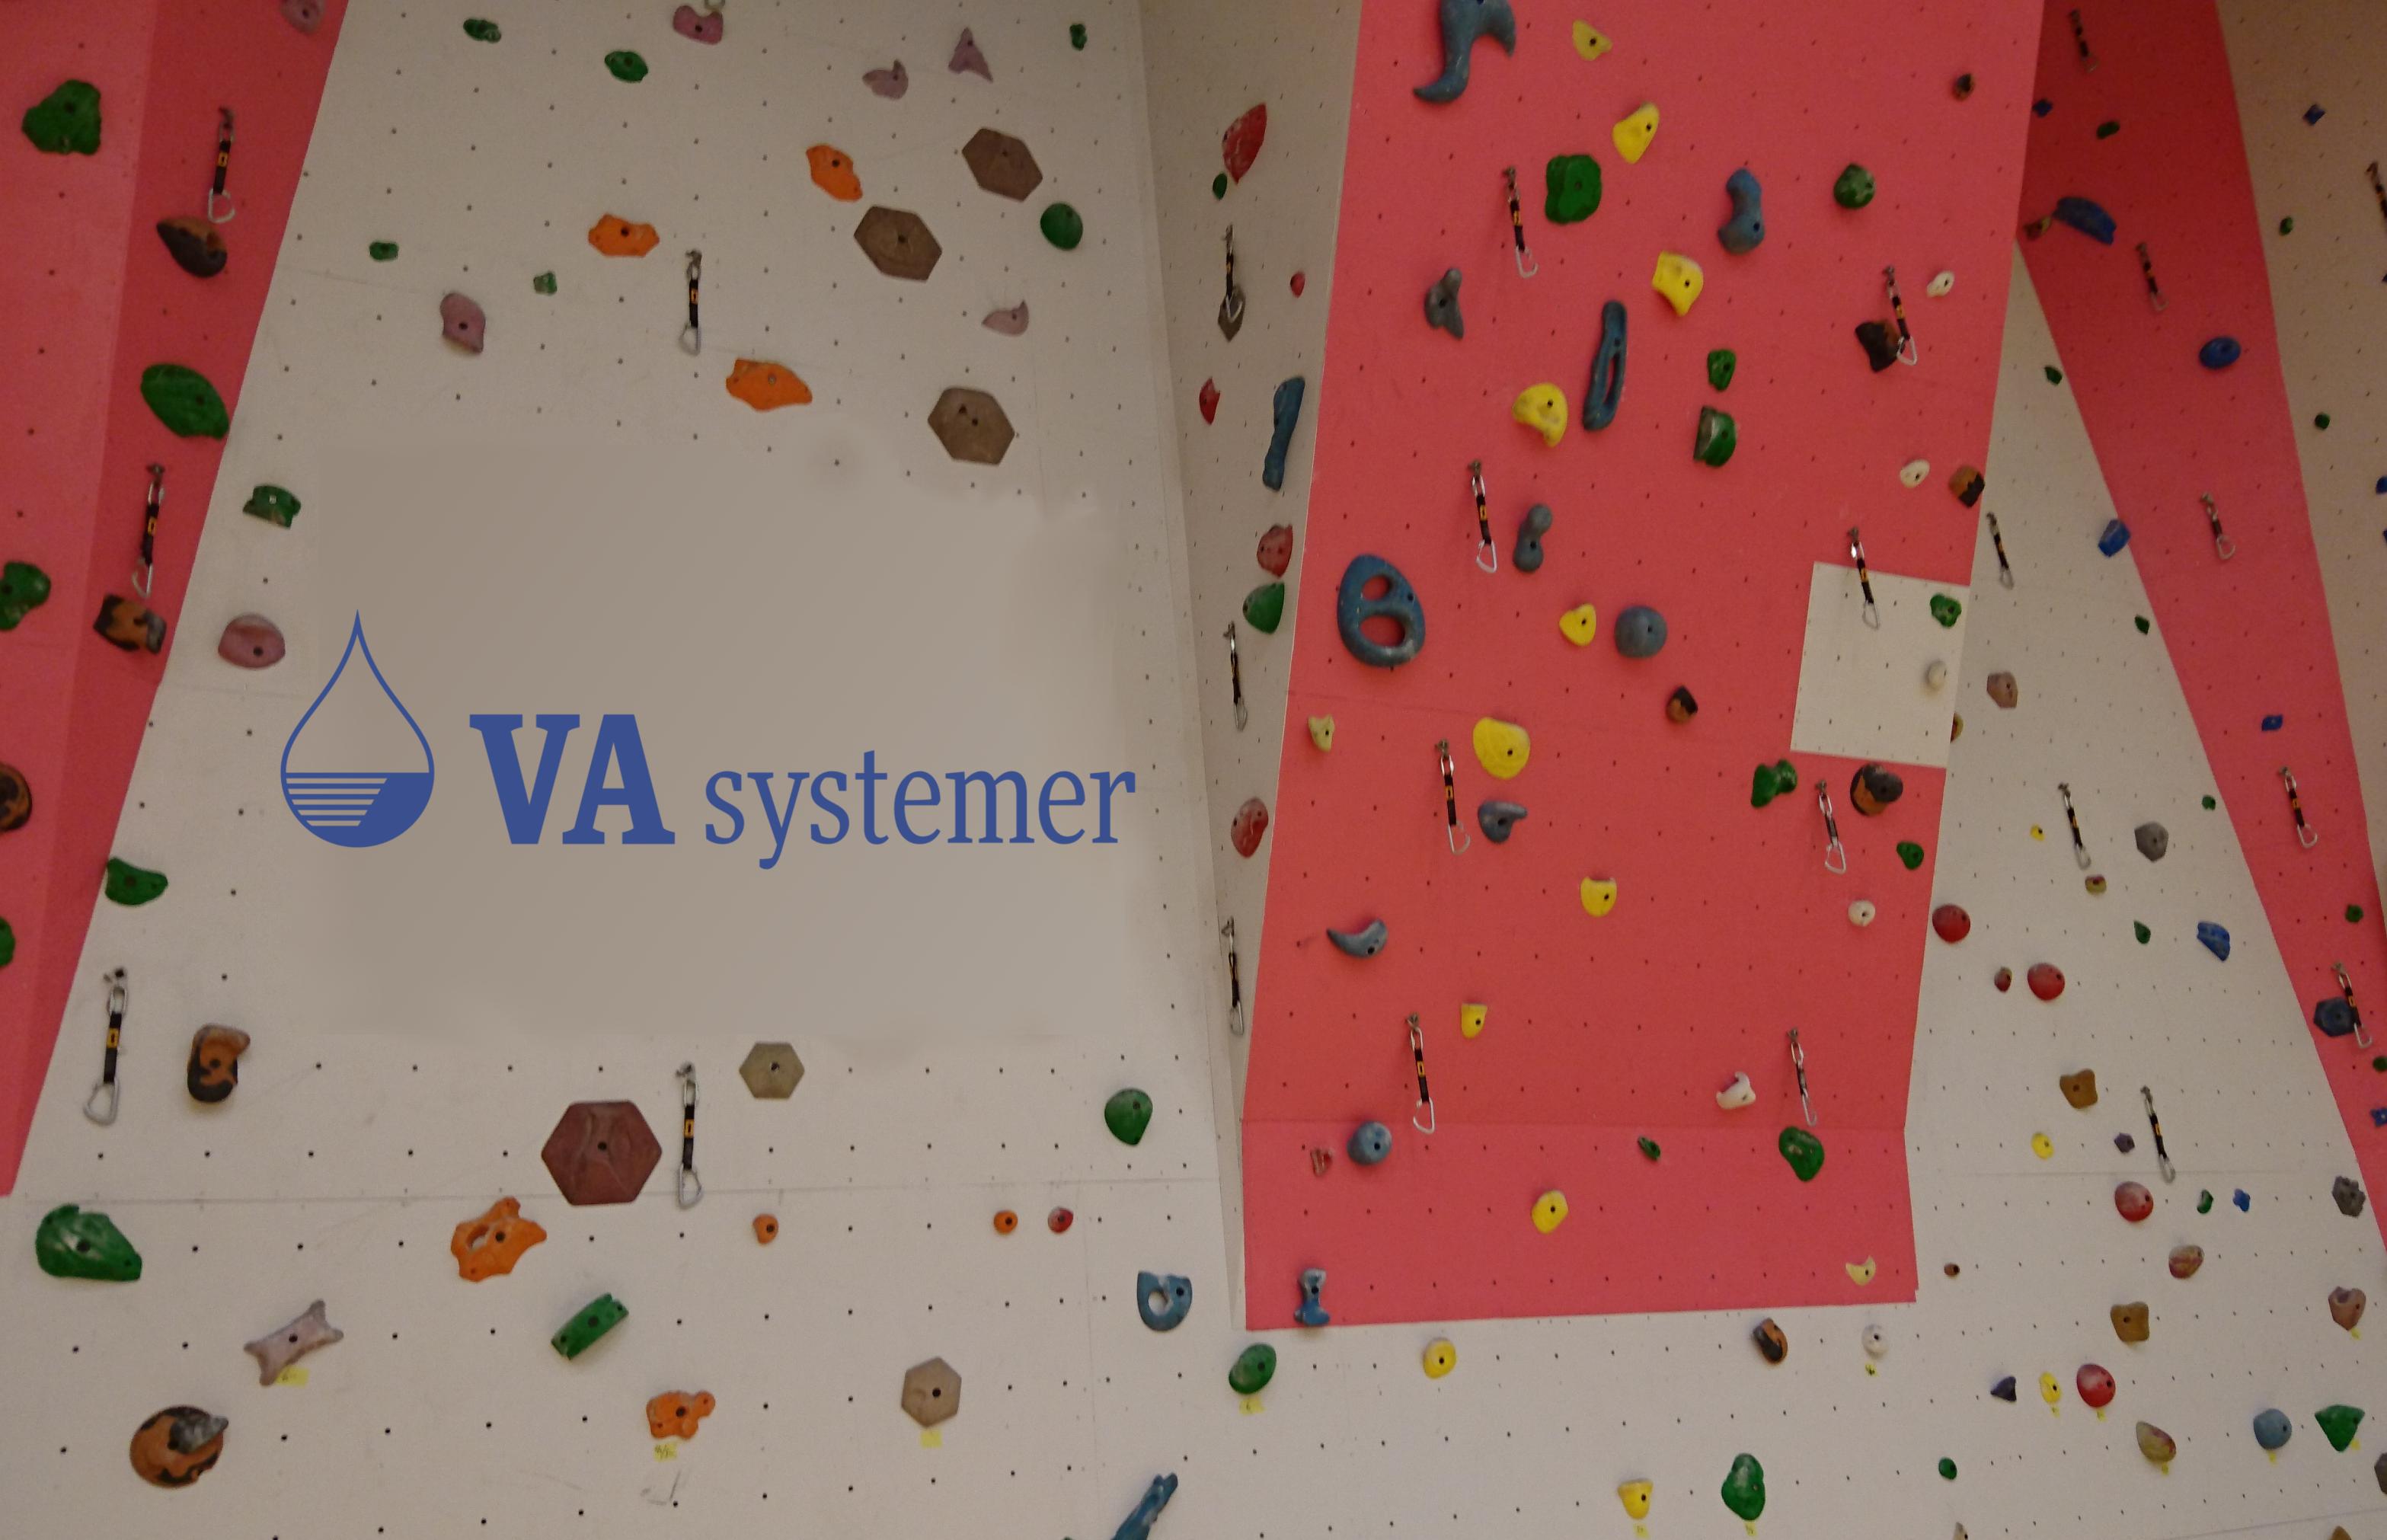 va_systemer